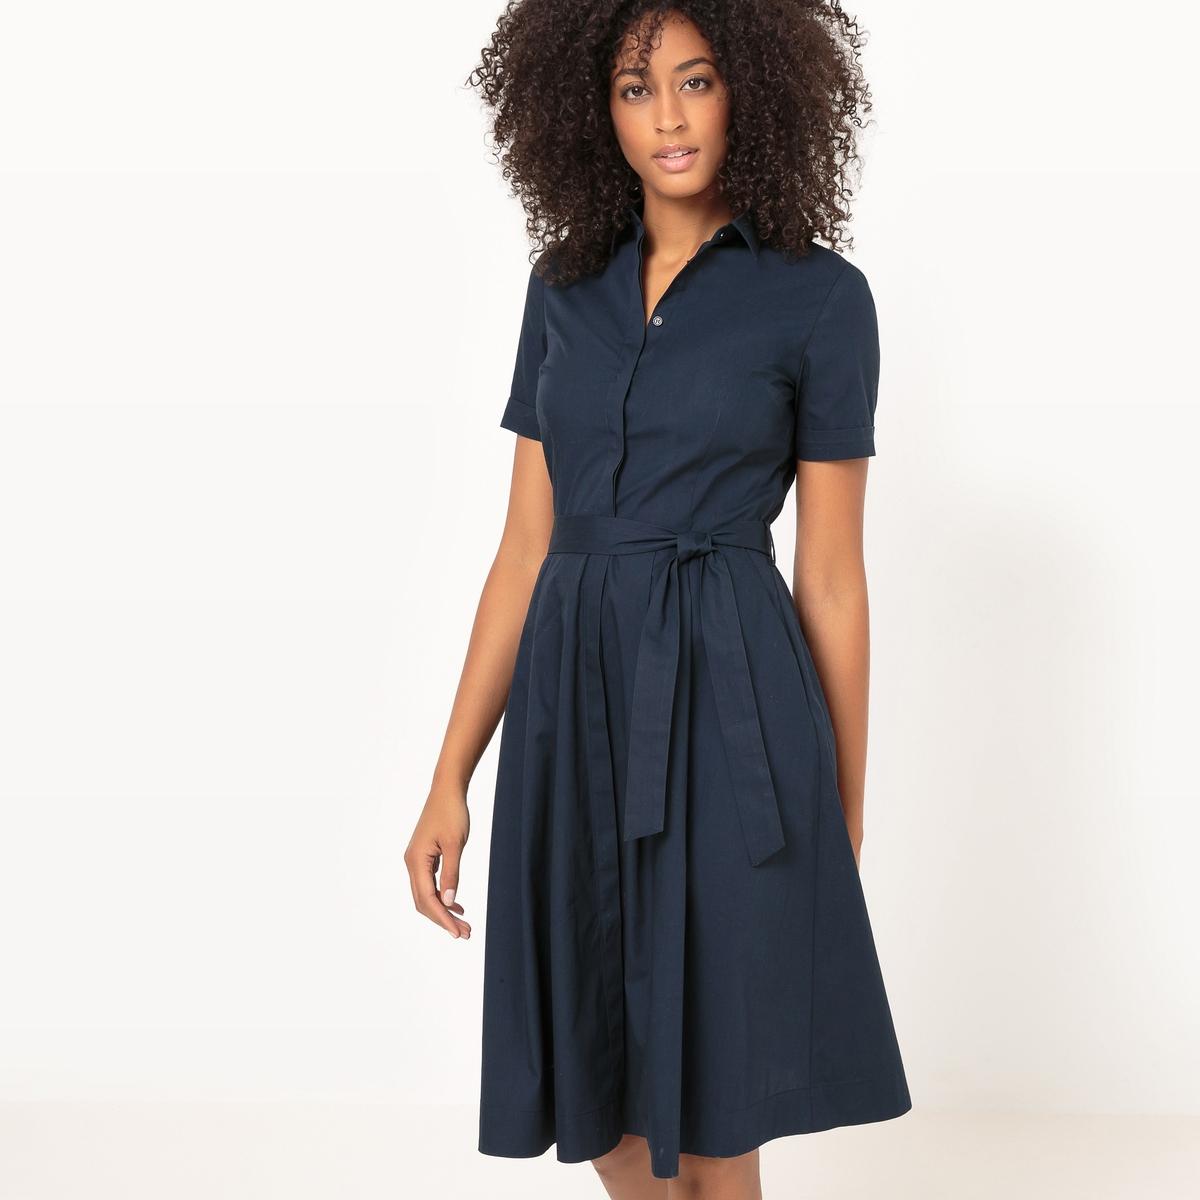 Платье с короткими рукавами<br><br>Цвет: красный,темно-синий<br>Размер: 40 (FR) - 46 (RUS).34 (FR) - 40 (RUS).42 (FR) - 48 (RUS).44 (FR) - 50 (RUS).46 (FR) - 52 (RUS).48 (FR) - 54 (RUS)